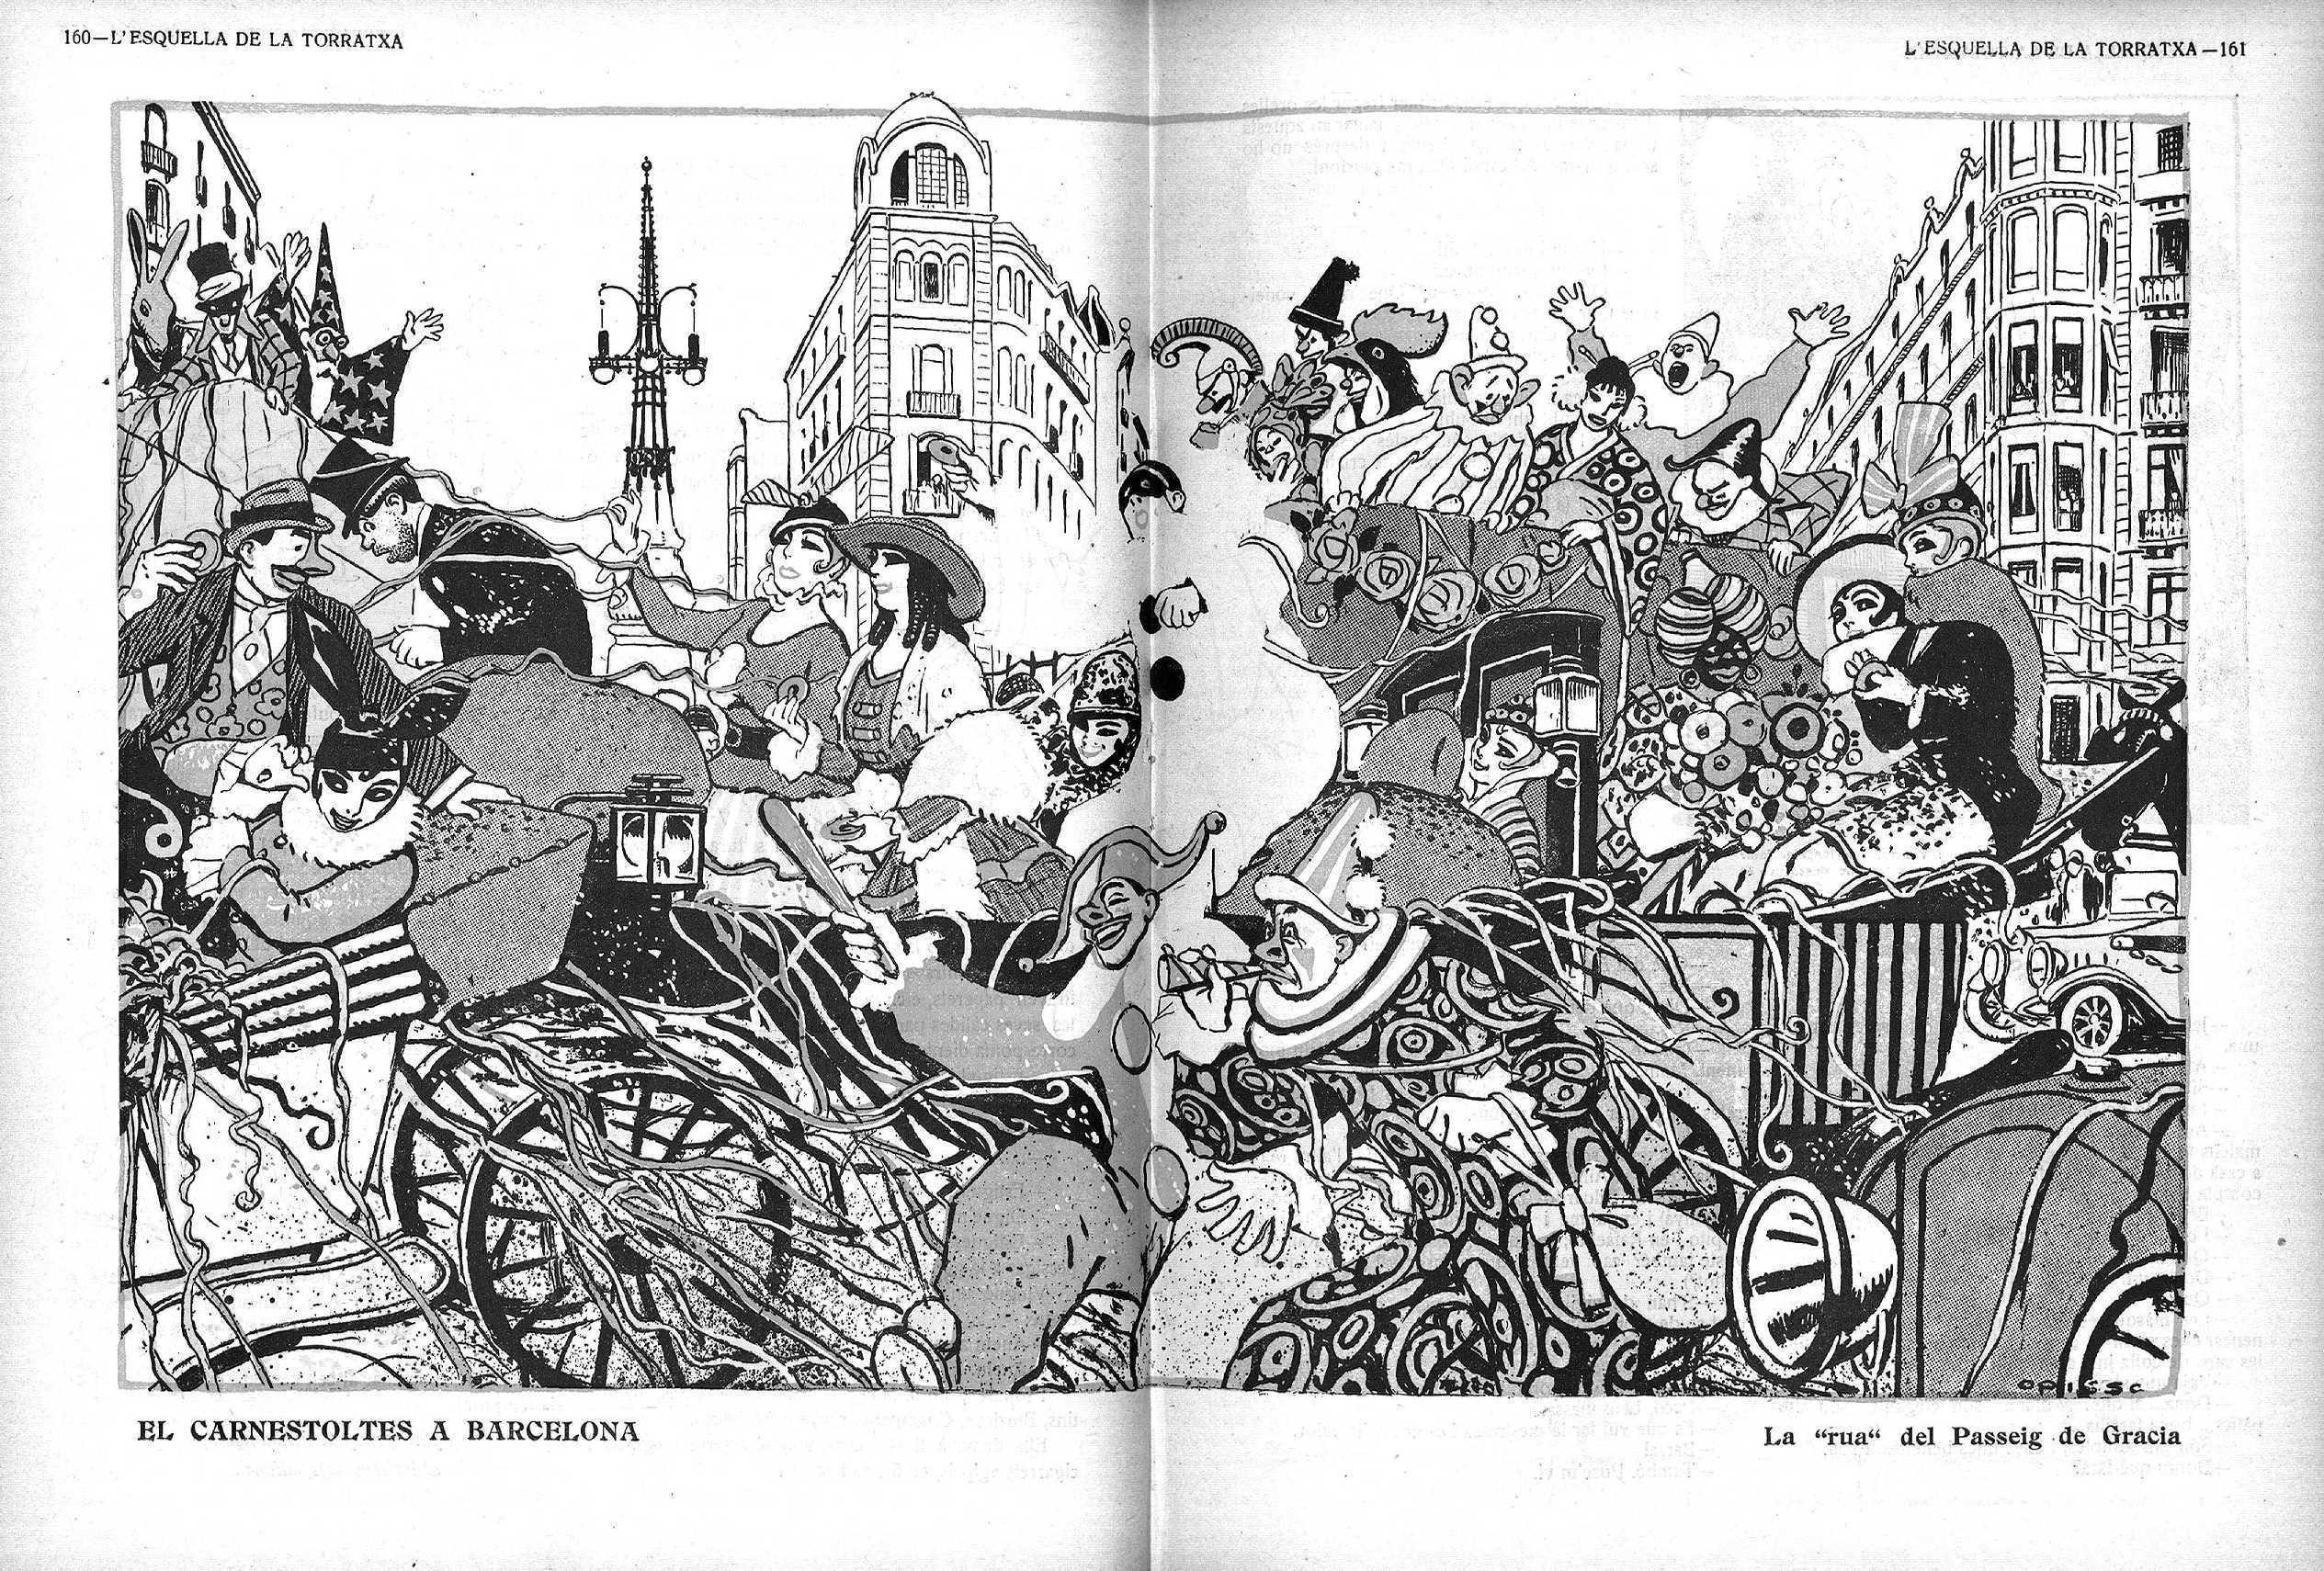 Esquella de la Torratxa, L'. Núm. 1940, 3 maç 1916, pàgina 160. Il·lustració de Ricard Opisso.